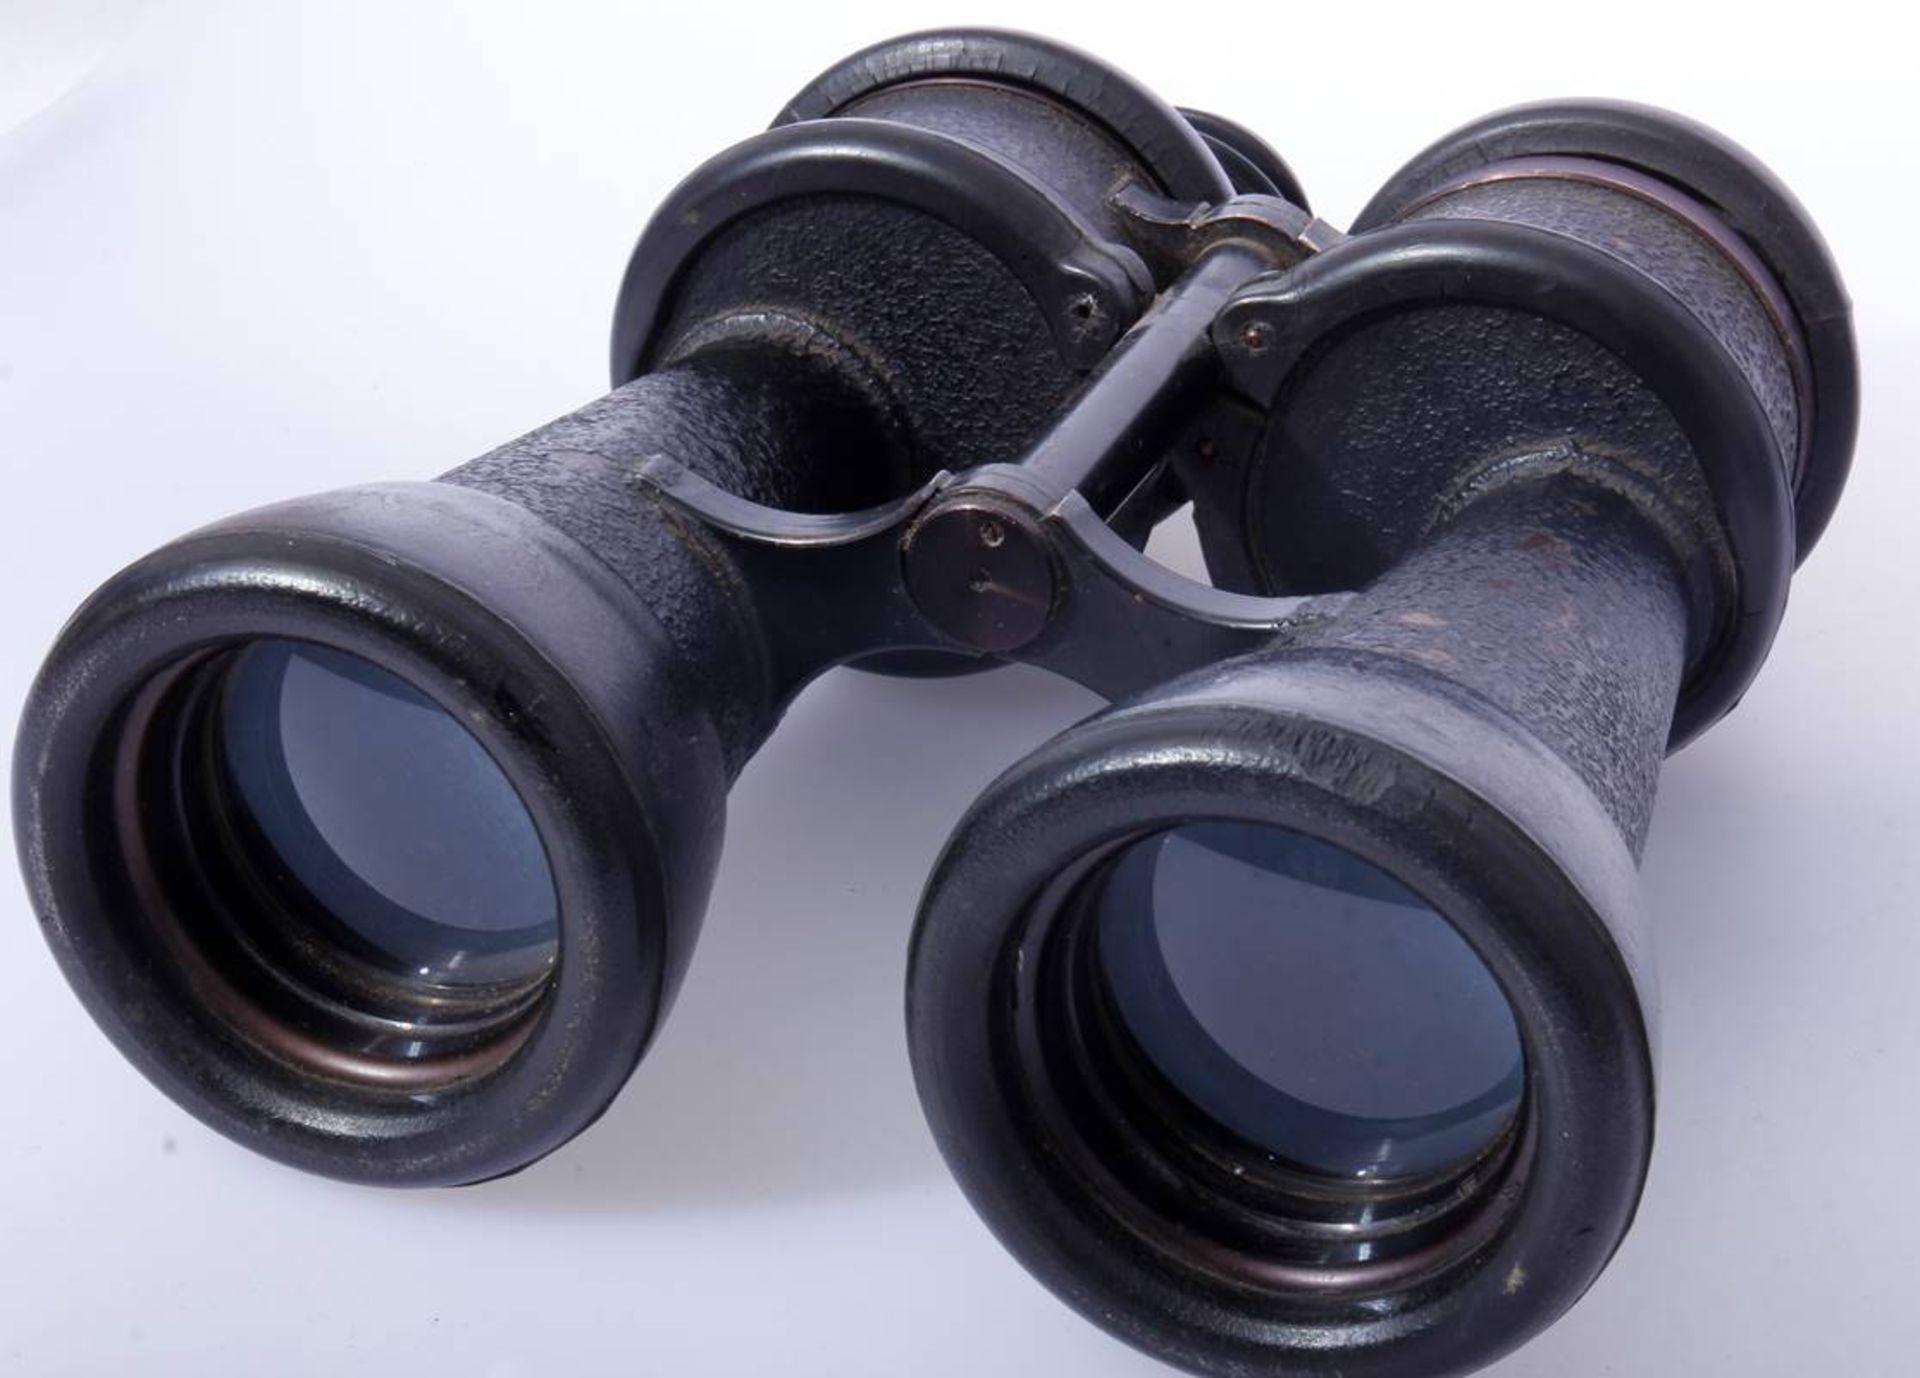 Kriegsmarine Uboot Fernglas für BrückenbesatzungenGroßes Schwarzes Fernglas der Kriegsmarine für - Bild 3 aus 6